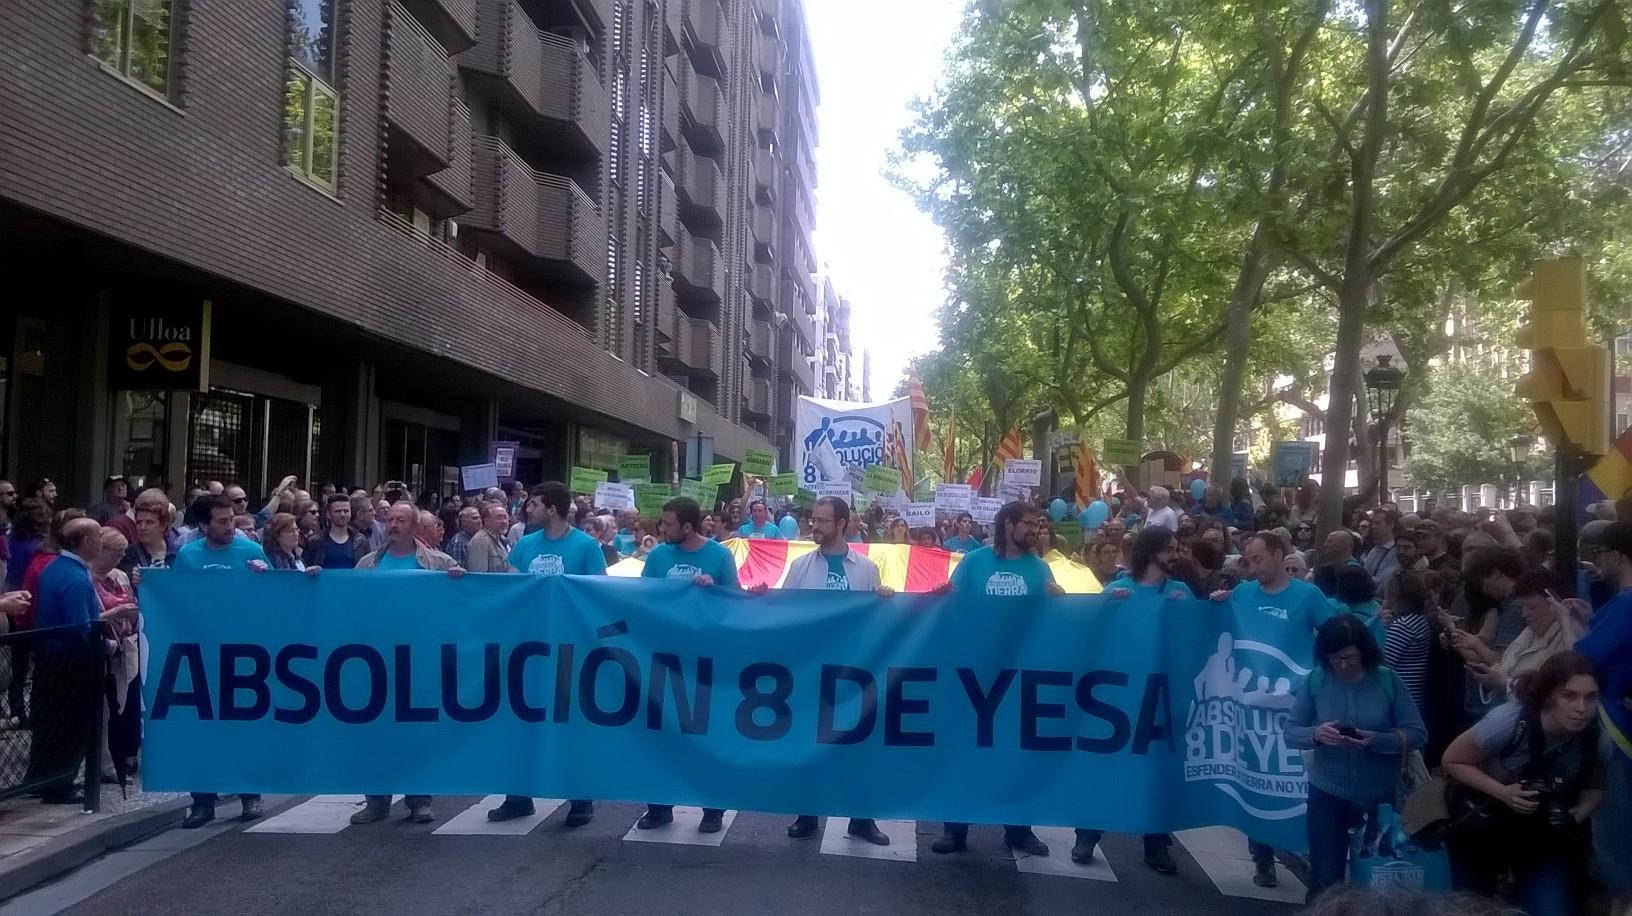 Las Marchas de la Dignidad, Intersindical de Aragón y numerosísimos colectivos, sindicatos de clase, movimientos sociales etc… exigimos la absolución de los 8 de Yesa